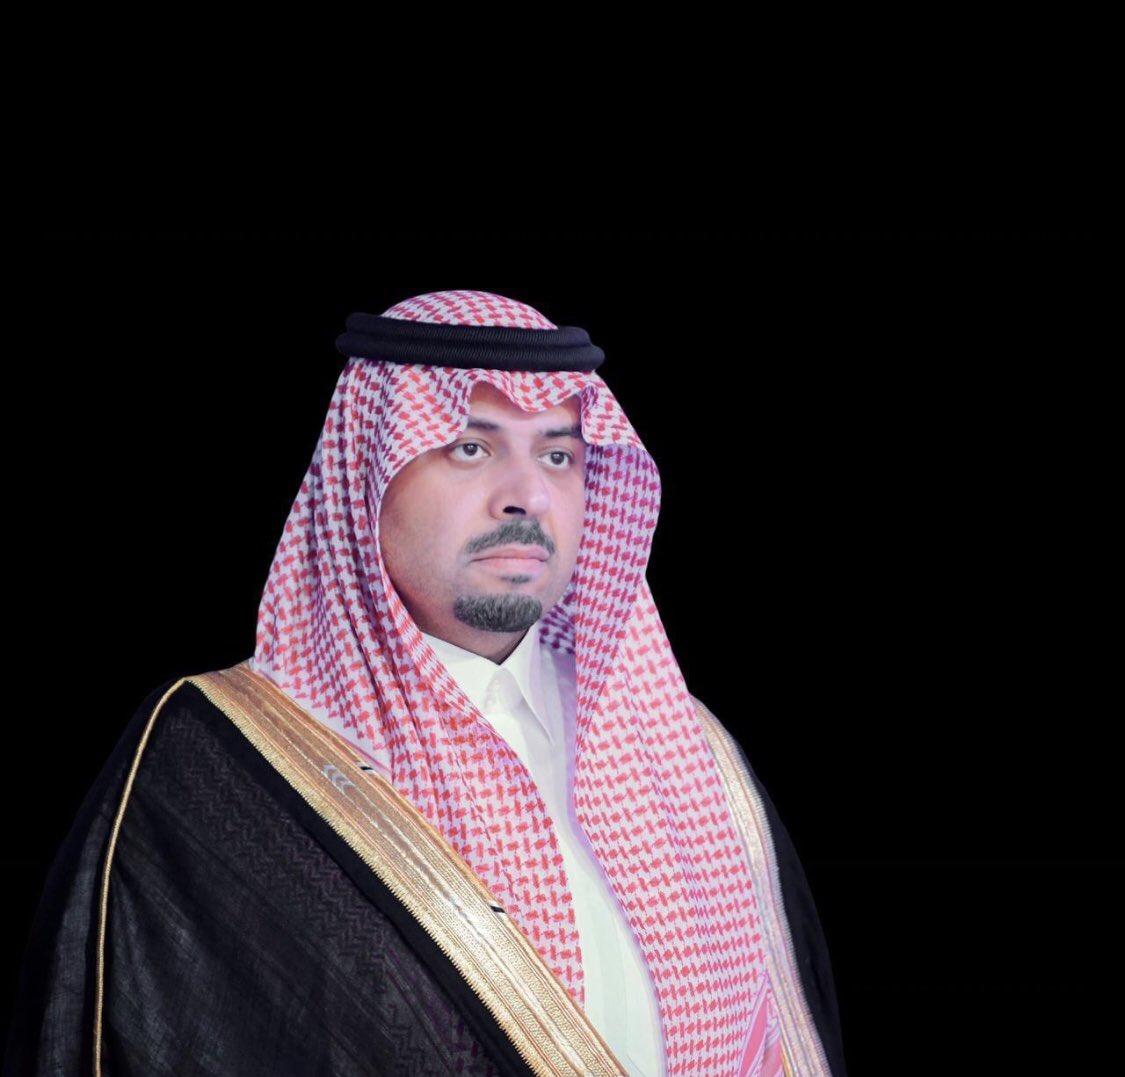 مؤشر سوق الأسهم السعودية يغلق منخفضًا عند مستوى 8563.44 نقطة